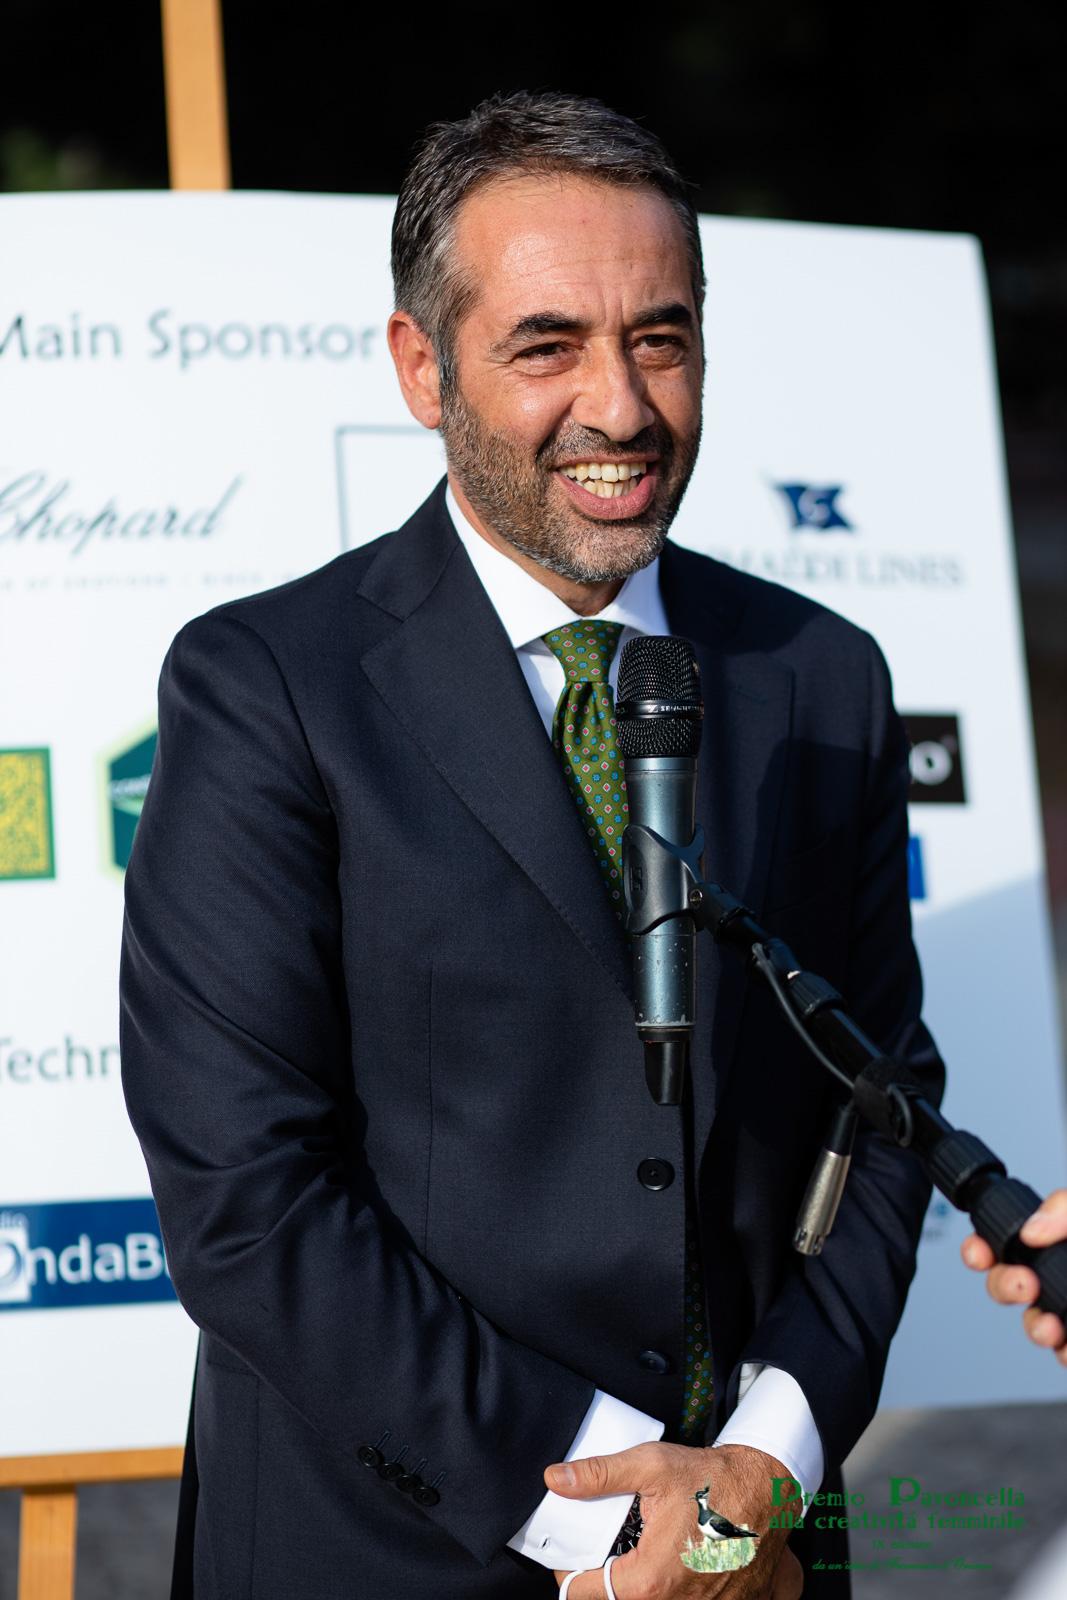 Il prof. Michele Guarino, presidente del Comitato scientifico